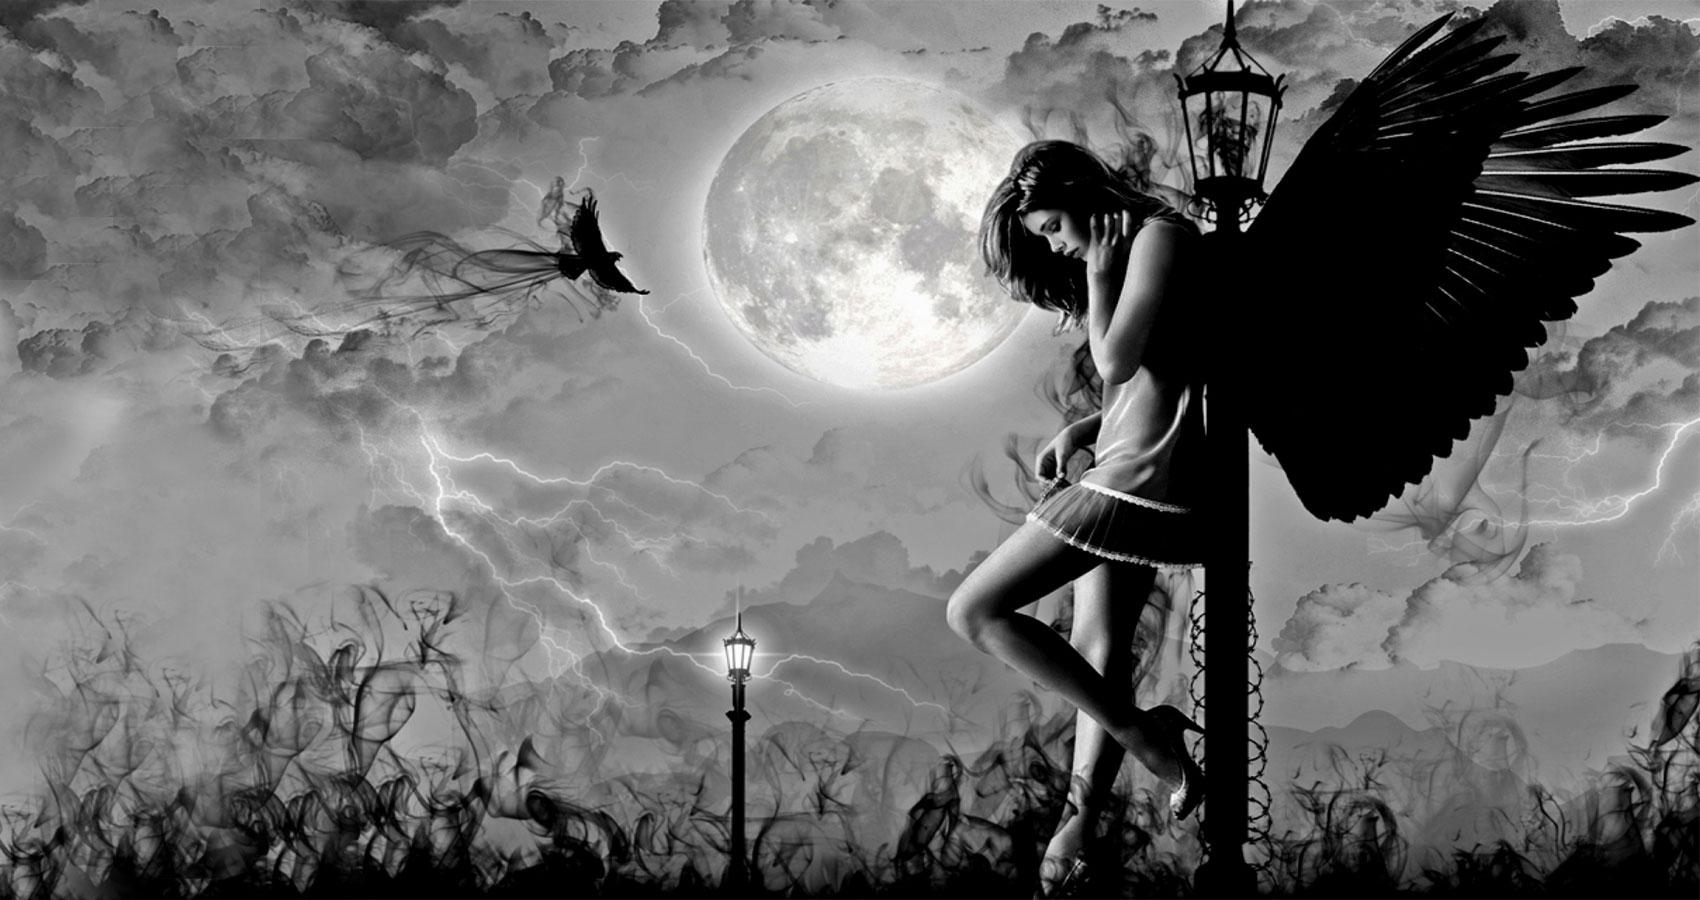 добраться пешком грешный ангел в картинках учесть